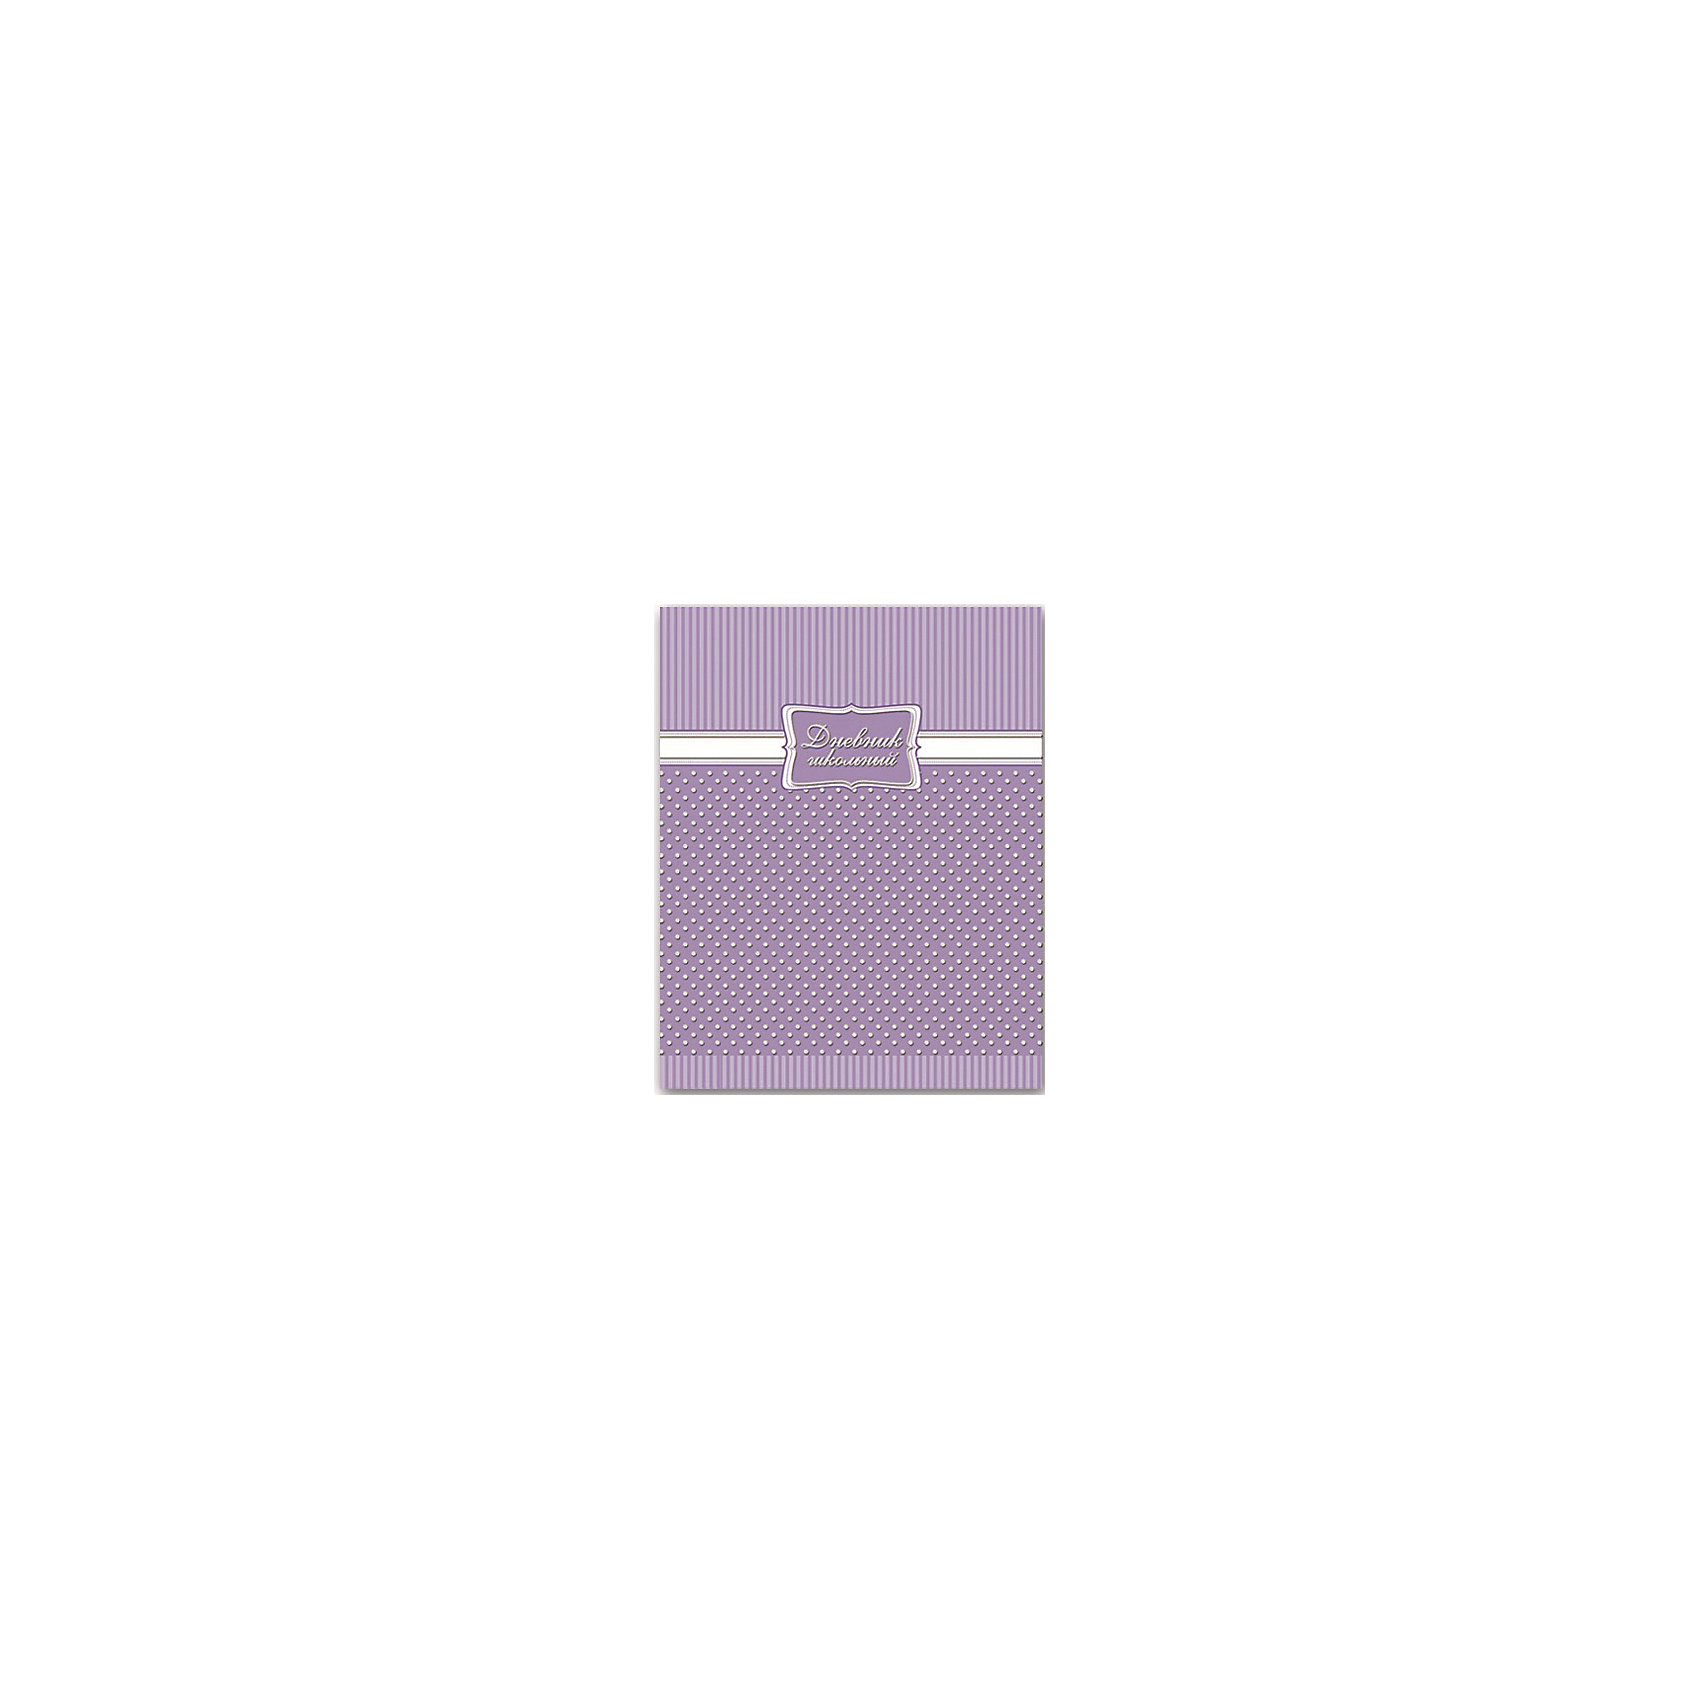 Дневник Кружева на сиреневомБумажная продукция<br>Дневник нужен каждому школьнику. Занятия ребенка в школе всегда требуют приобретения атрибутов для учебы. Так пусть они будут стильными и качественными! Ведь учиться с ними - намного приятней.<br>Школьный дневник Кружева на сиреневом - стандартного формата А5. Обложка - из плотной бумаги с оригинальным рисунком. Листы надежно скреплены. Изделие произведено из качественных и безопасных для ребенка материалов.<br><br>Дополнительная информация:<br><br>цвет: сиреневый;<br>формат: А5;<br>материал: бумага.<br><br>Дневник Кружева на сиреневом можно купить в нашем магазине.<br><br>Ширина мм: 220<br>Глубина мм: 170<br>Высота мм: 10<br>Вес г: 225<br>Возраст от месяцев: 72<br>Возраст до месяцев: 192<br>Пол: Женский<br>Возраст: Детский<br>SKU: 4746186